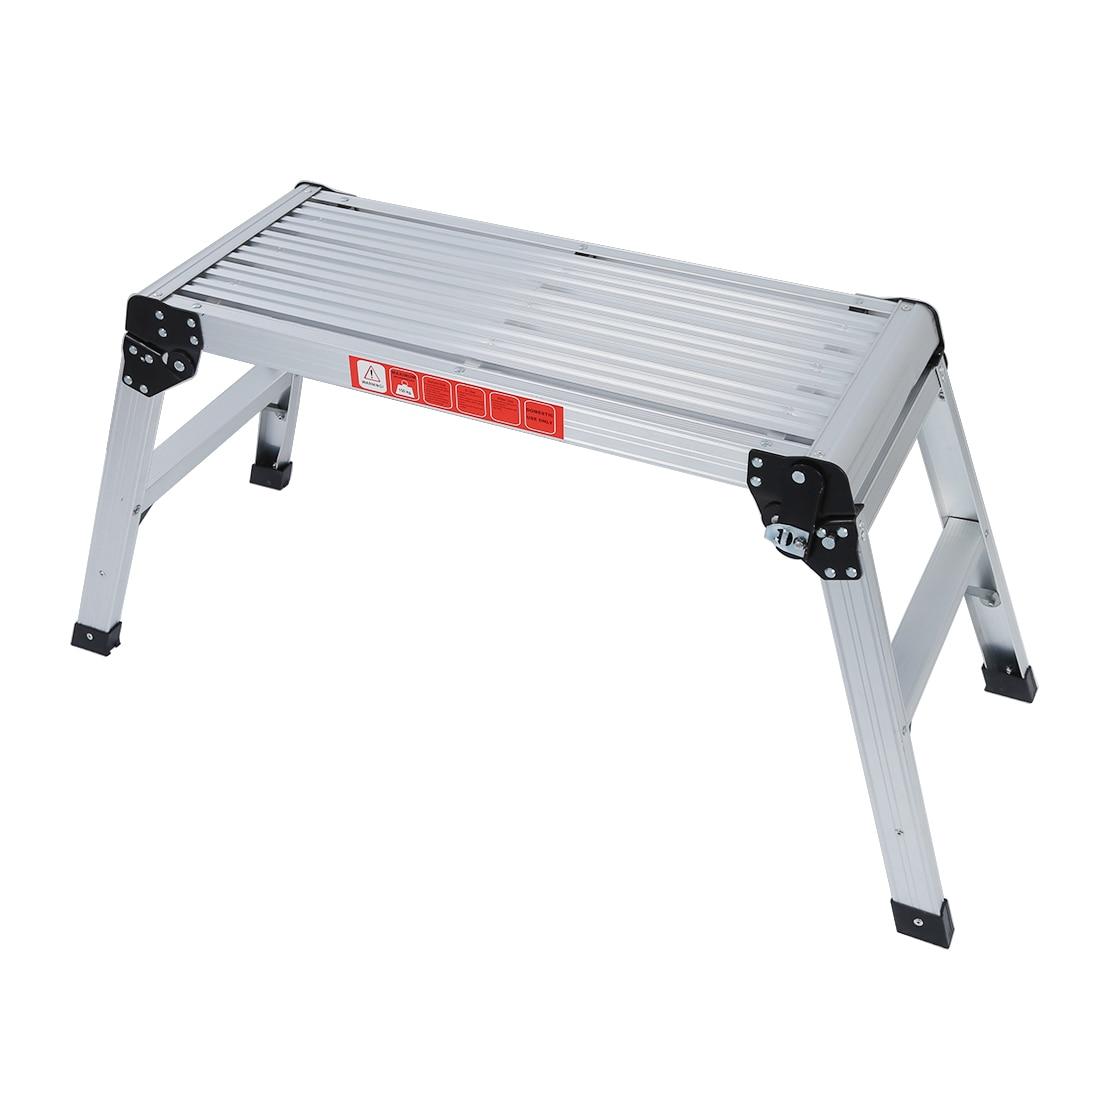 Furniture 775MM Aluminium Platform Work Bench Folding Step Ladder EN131& CE 150Kg Hop UPFurniture 775MM Aluminium Platform Work Bench Folding Step Ladder EN131& CE 150Kg Hop UP